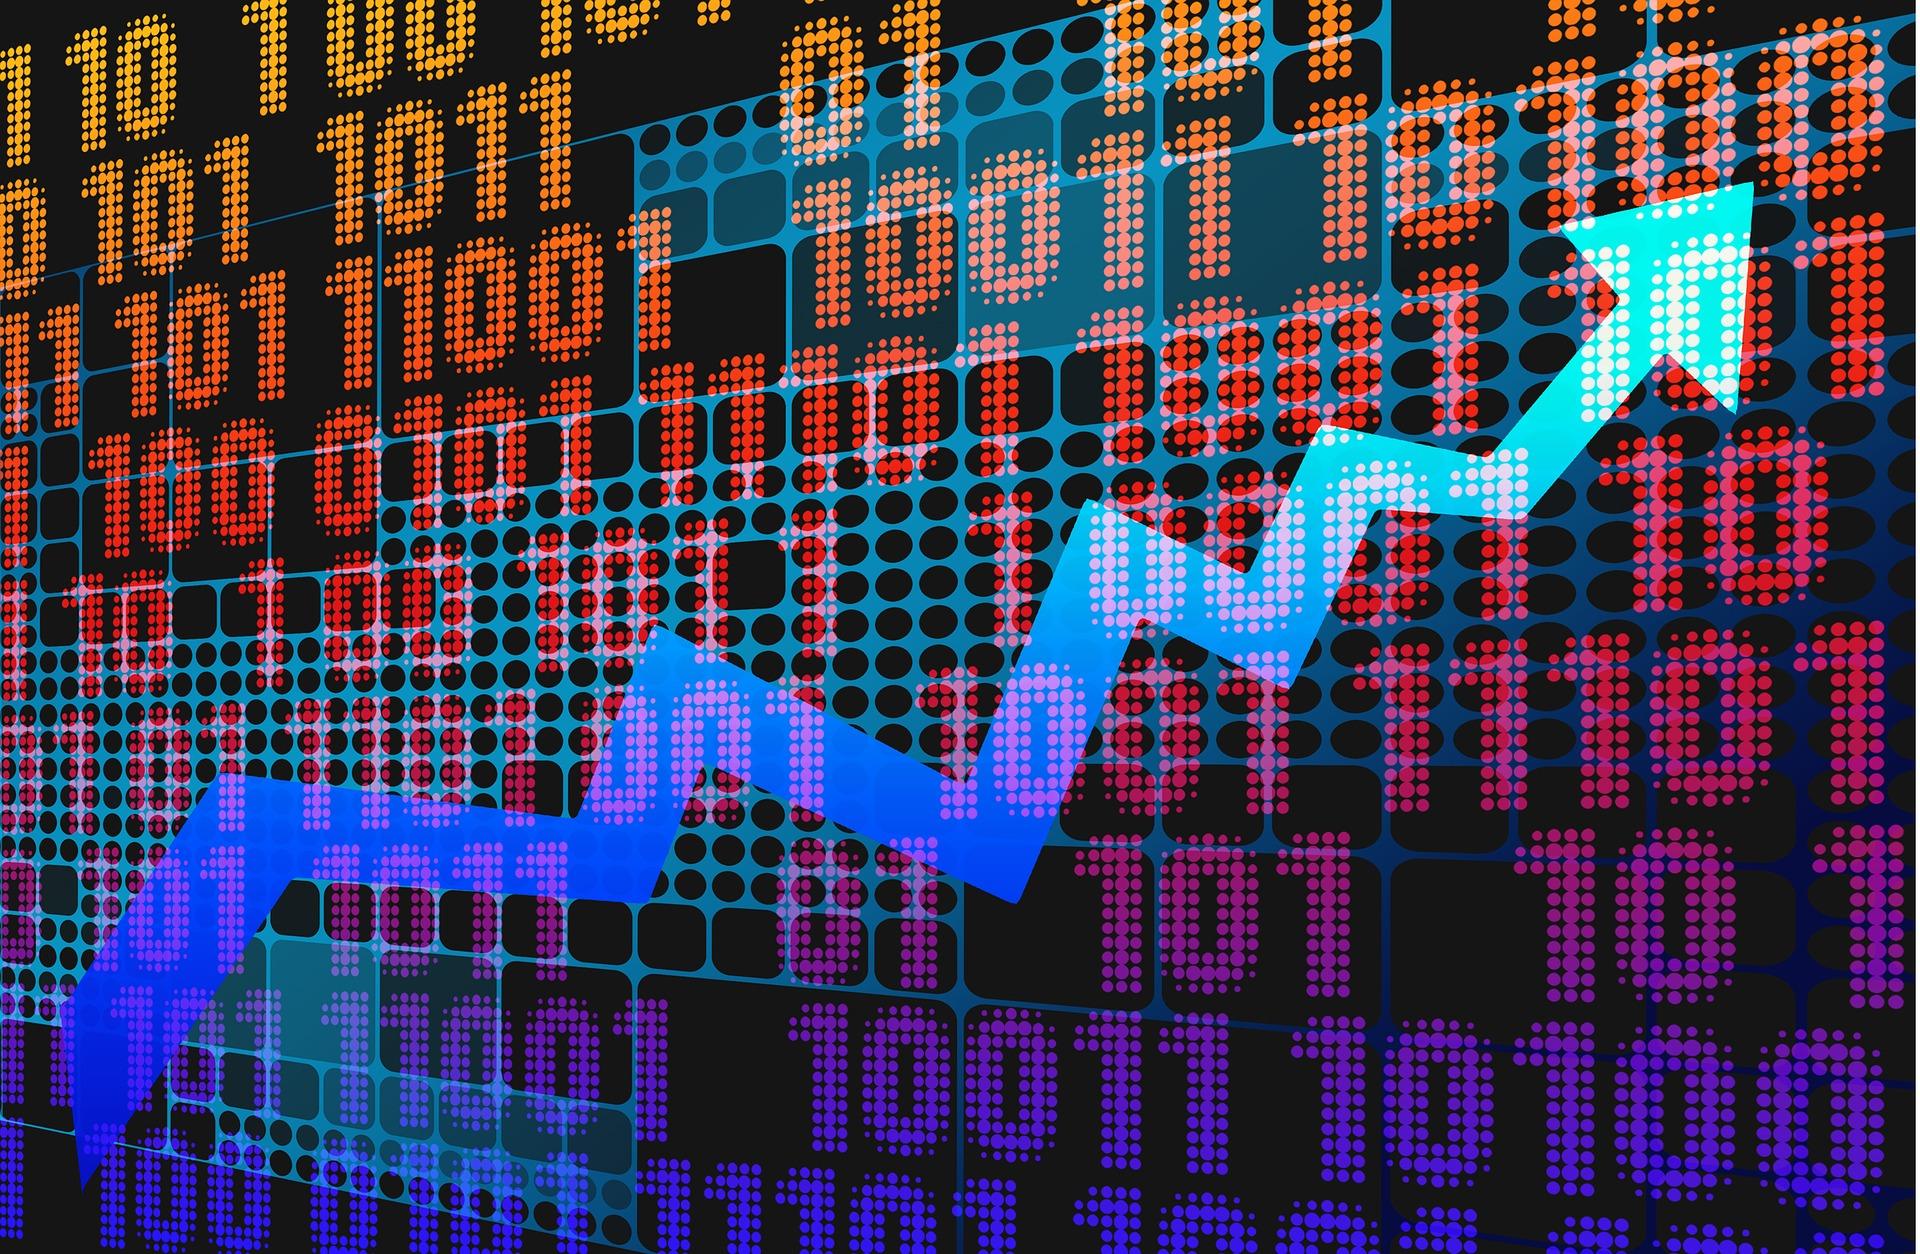 Ist der Kryptomarkt kurz vor einem Absturz?